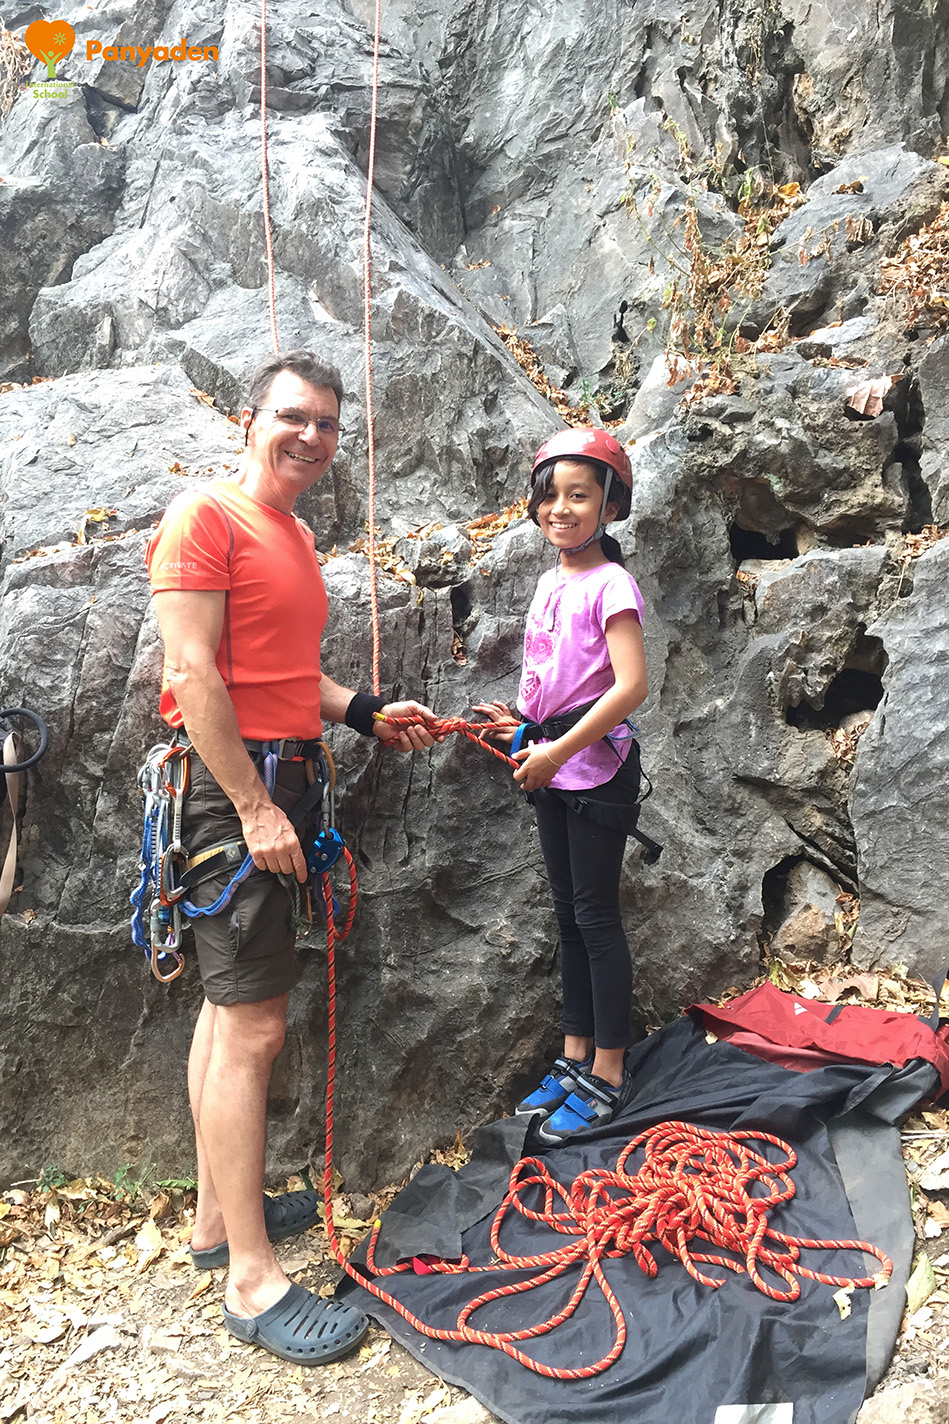 Panyaden Y7 rock climbing - head teacher with student